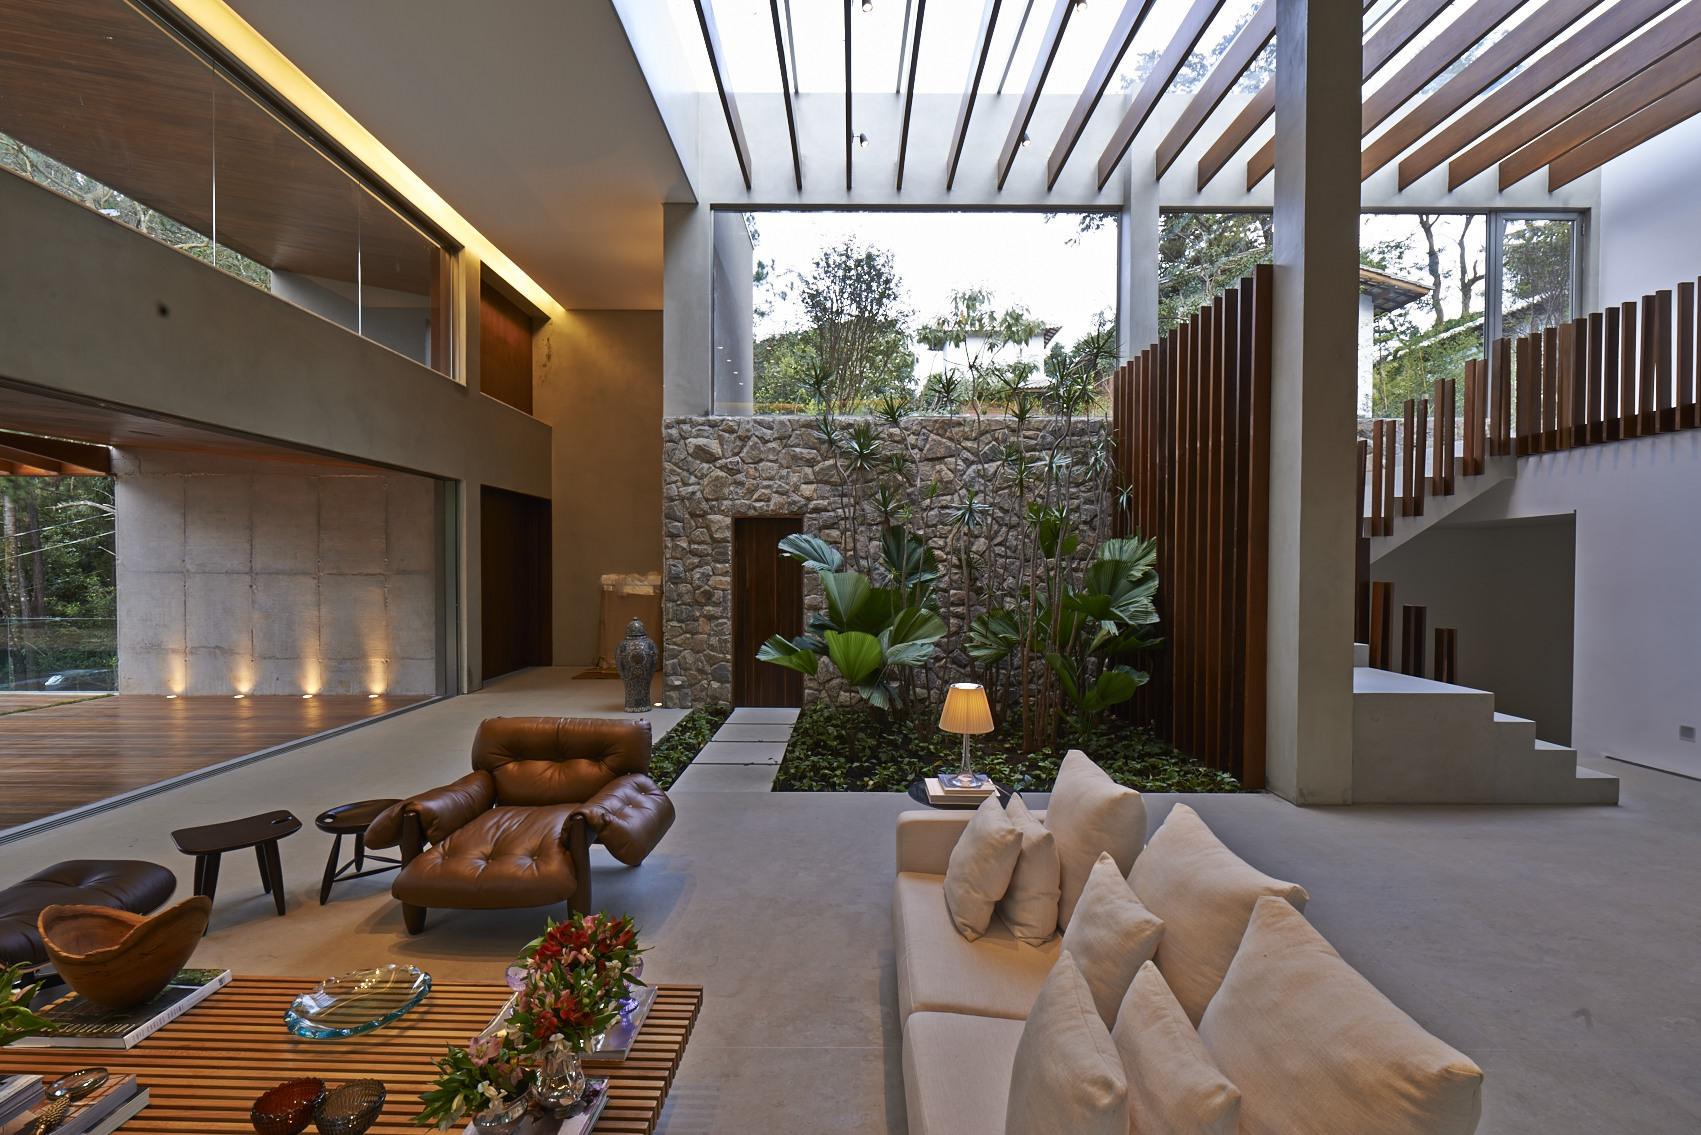 52a3dfb0e8e44e00d80000b0_bosque-da-ribeira-anastasia-arquitetos__dsc7396